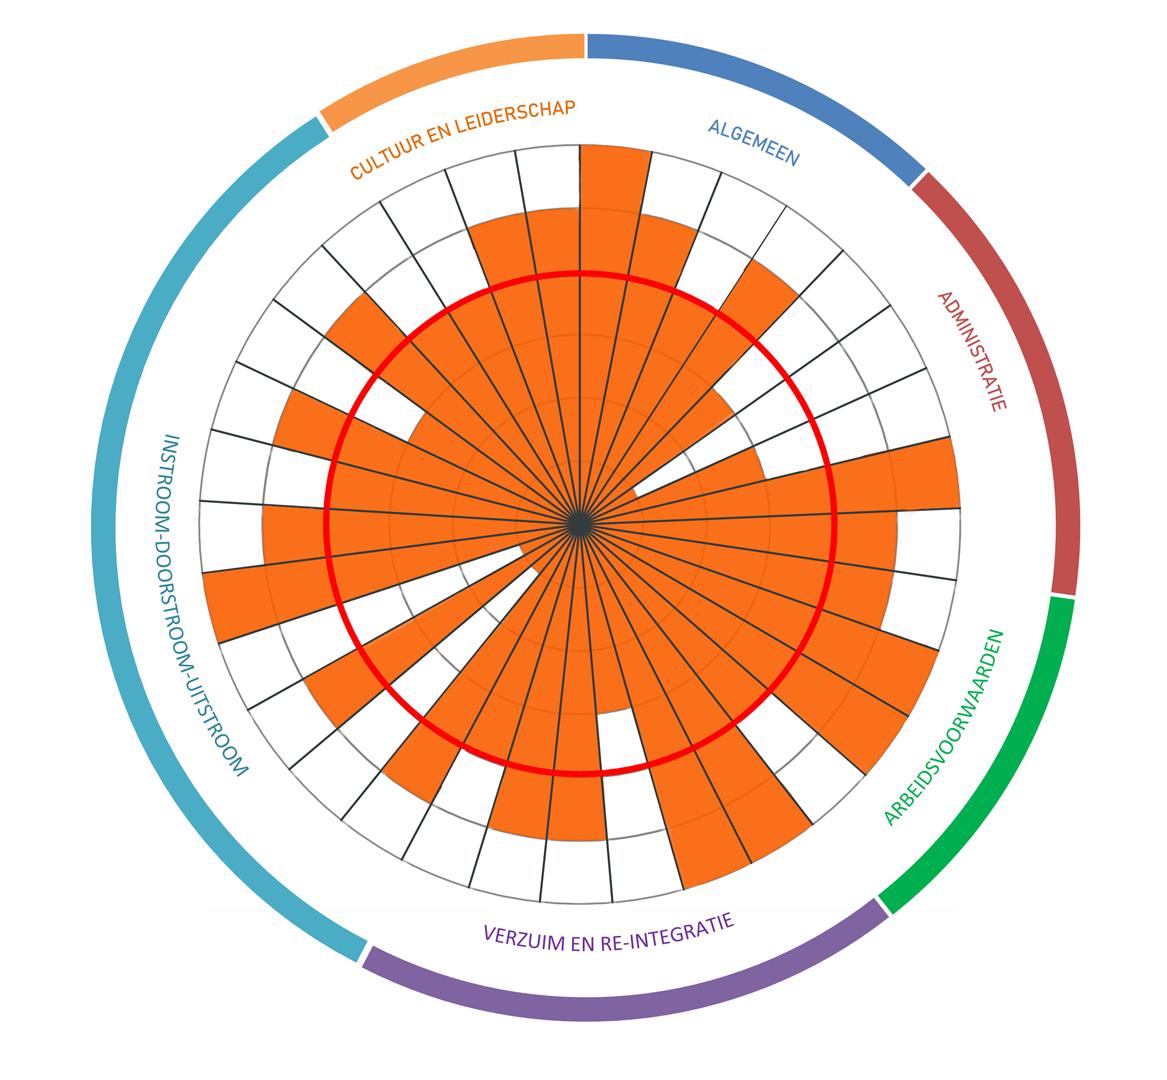 Een slimme HR scan: de DURF HR-Indicator. Hij verschaft je gratis inzicht in 6 onderdelen rondom personeelszaken:  algemene zaken, administratie, arbeidsvoorwaarden, verzuim en re-integratie, instroom-doorstroom-uitstroom en cultuur en leiderschap.